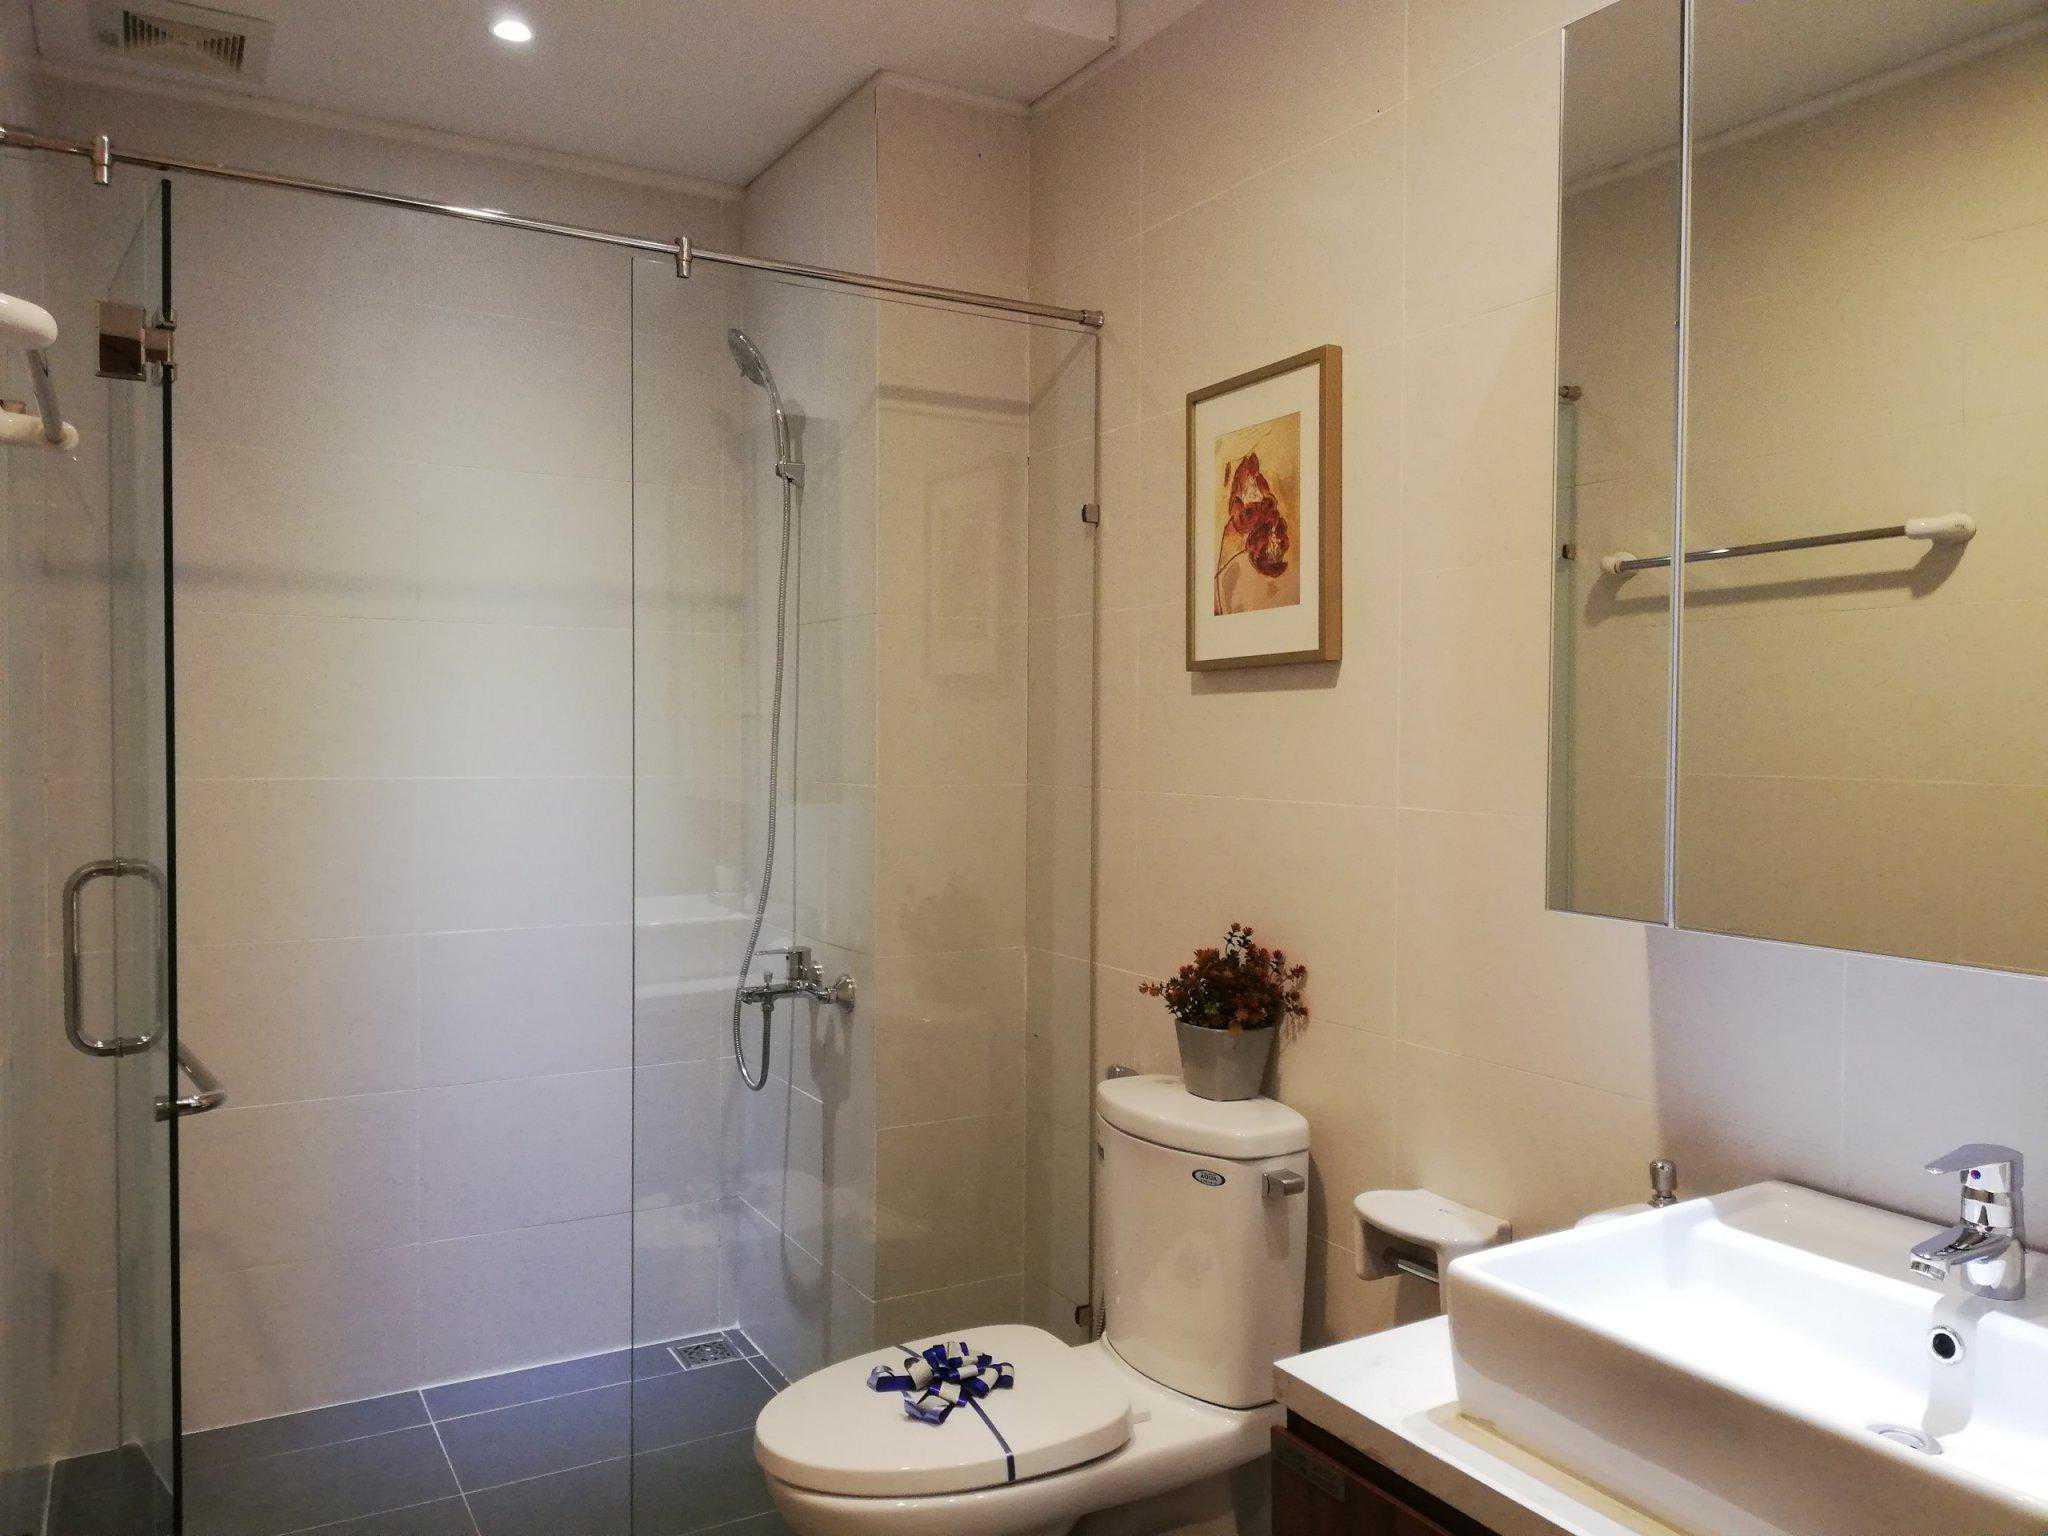 Thiết kế thi công căn hộ chung cư MIZUKI 56m2 hợp lý, thông thoáng | SMLIFE